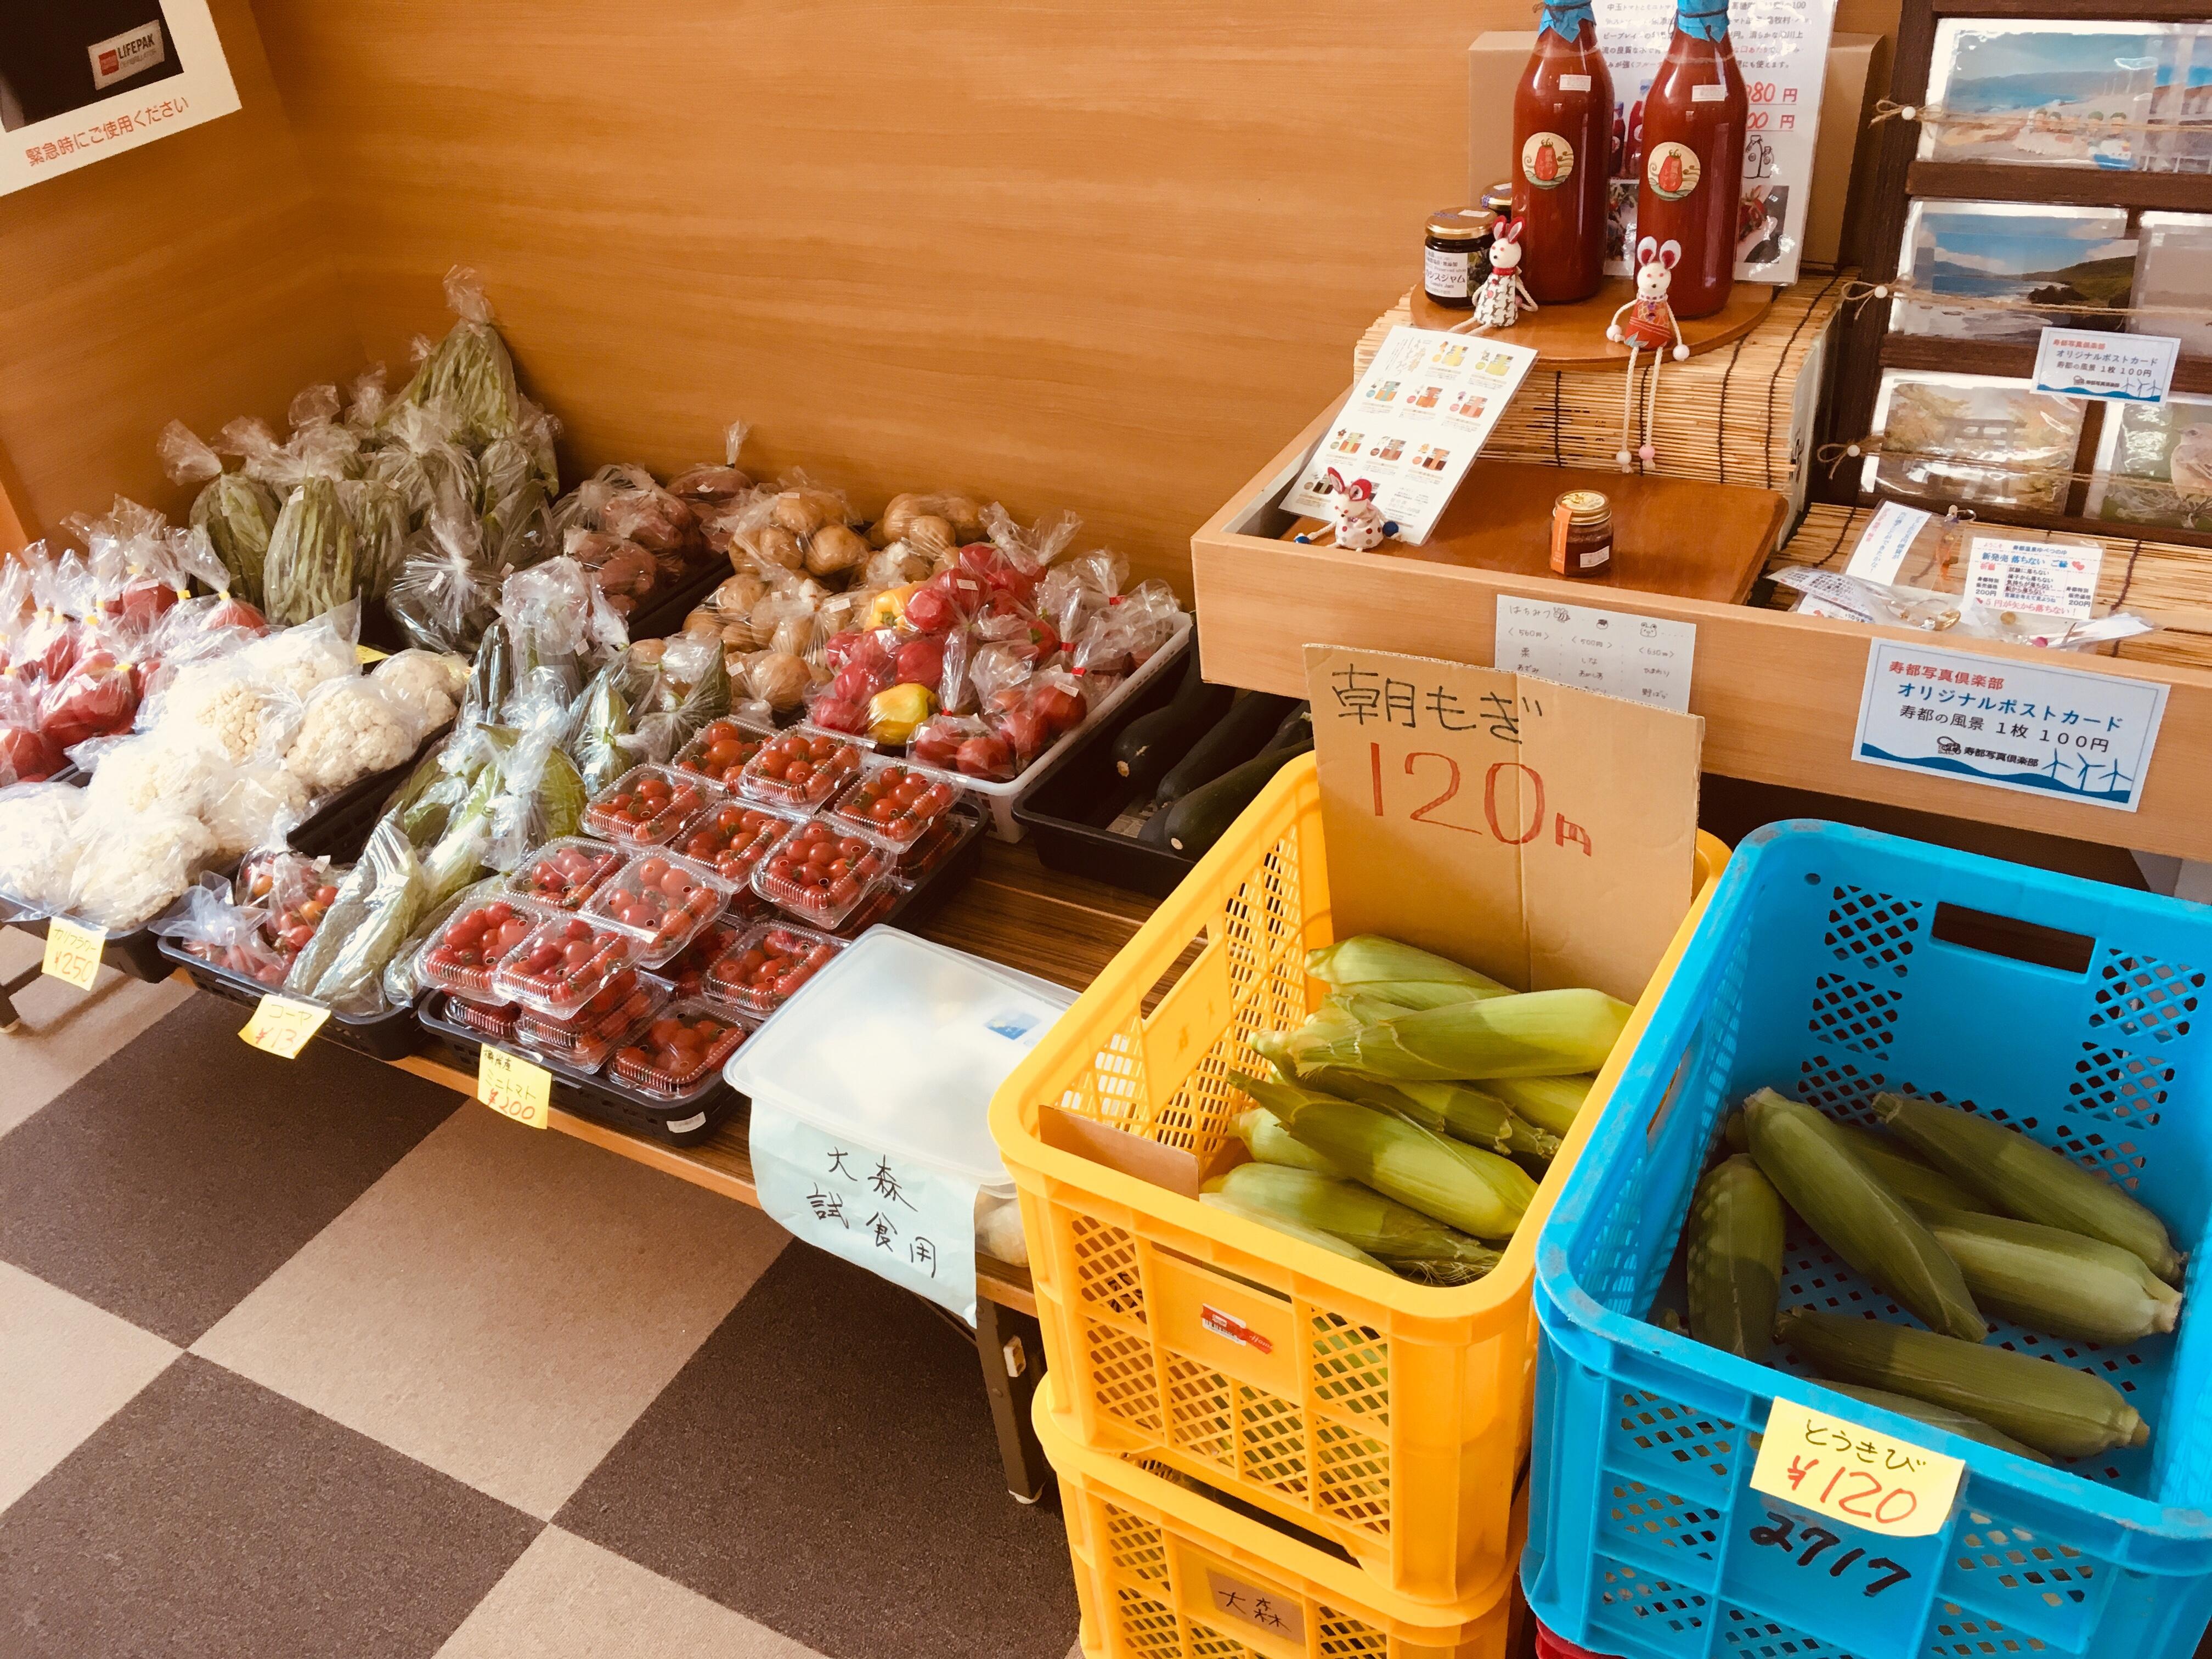 トマト🍅やトウキビ!季節の野菜たっくさん有ります!